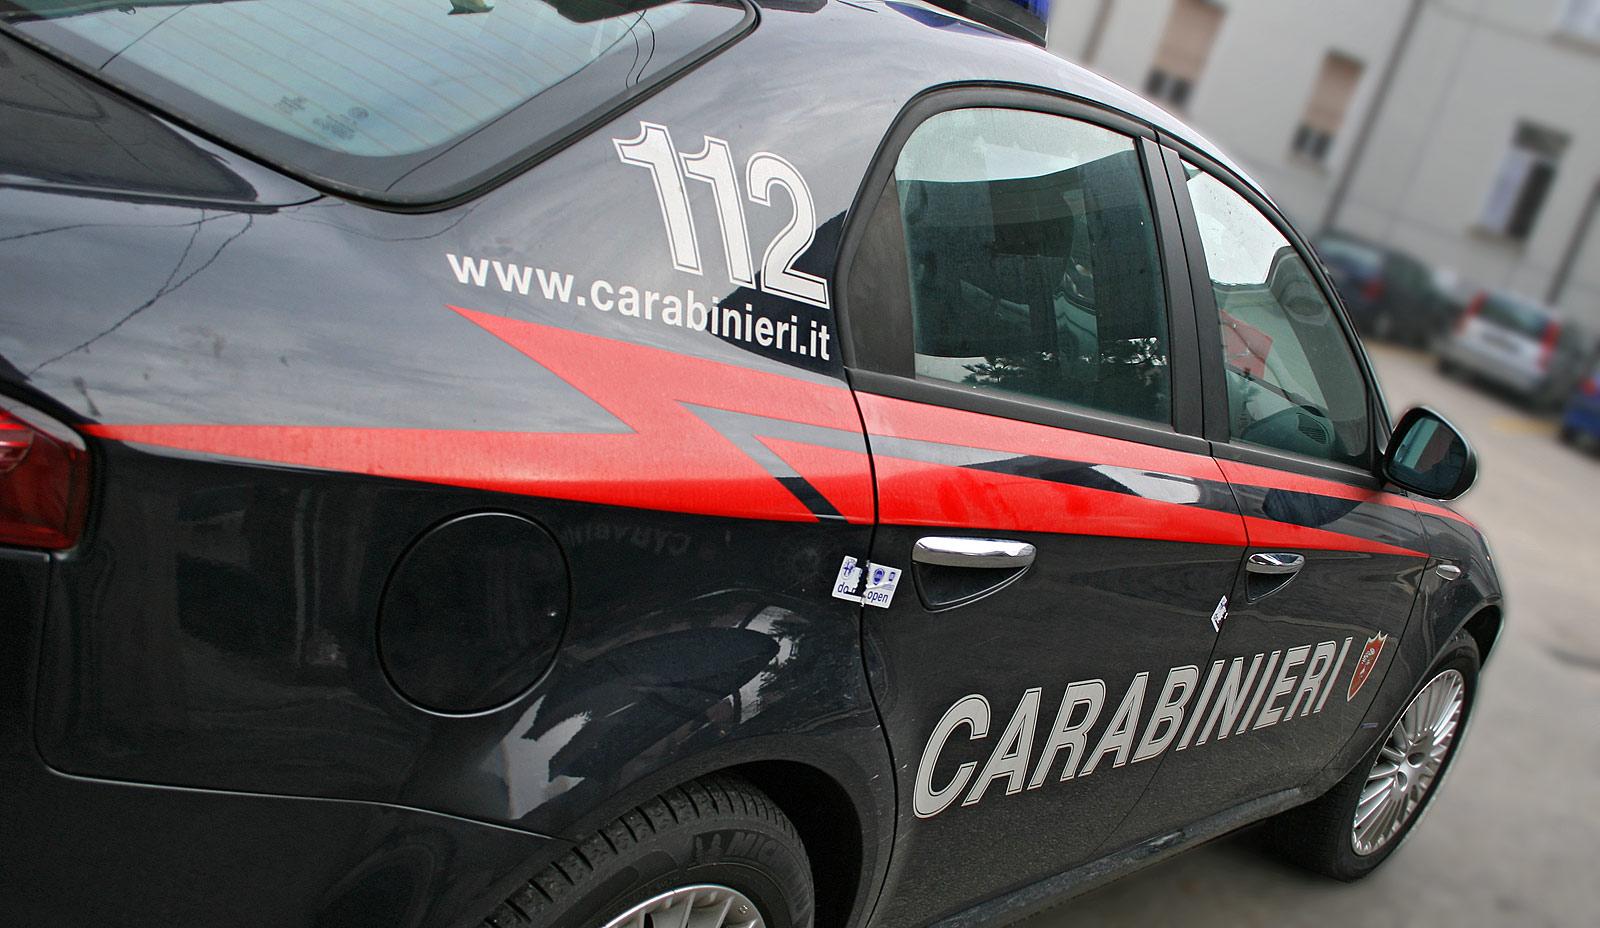 Maltrattamenti in famiglia ed estorsione, Carabinieri arrestano 34enne di Camucia